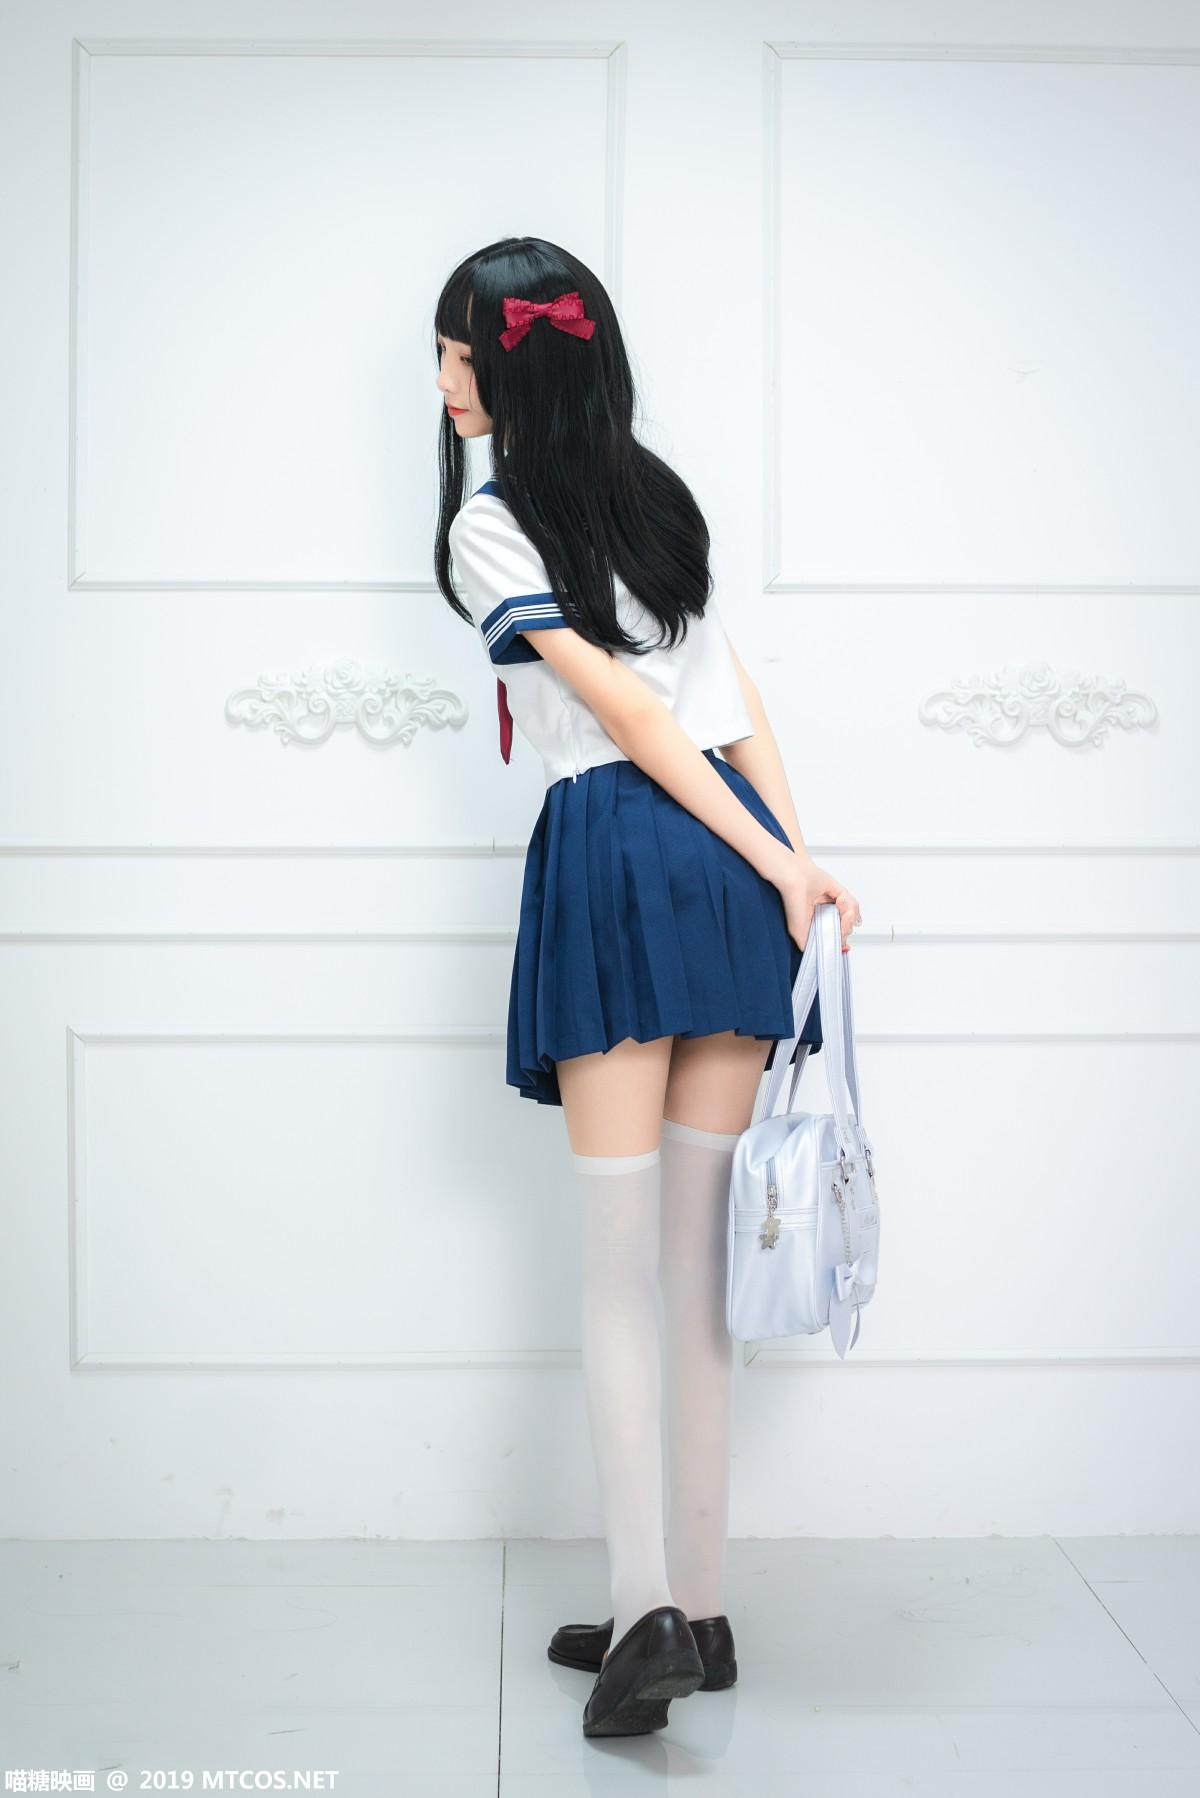 [喵糖映画]VOL.012 蓝白水手服[44P] 喵糖映画 第3张